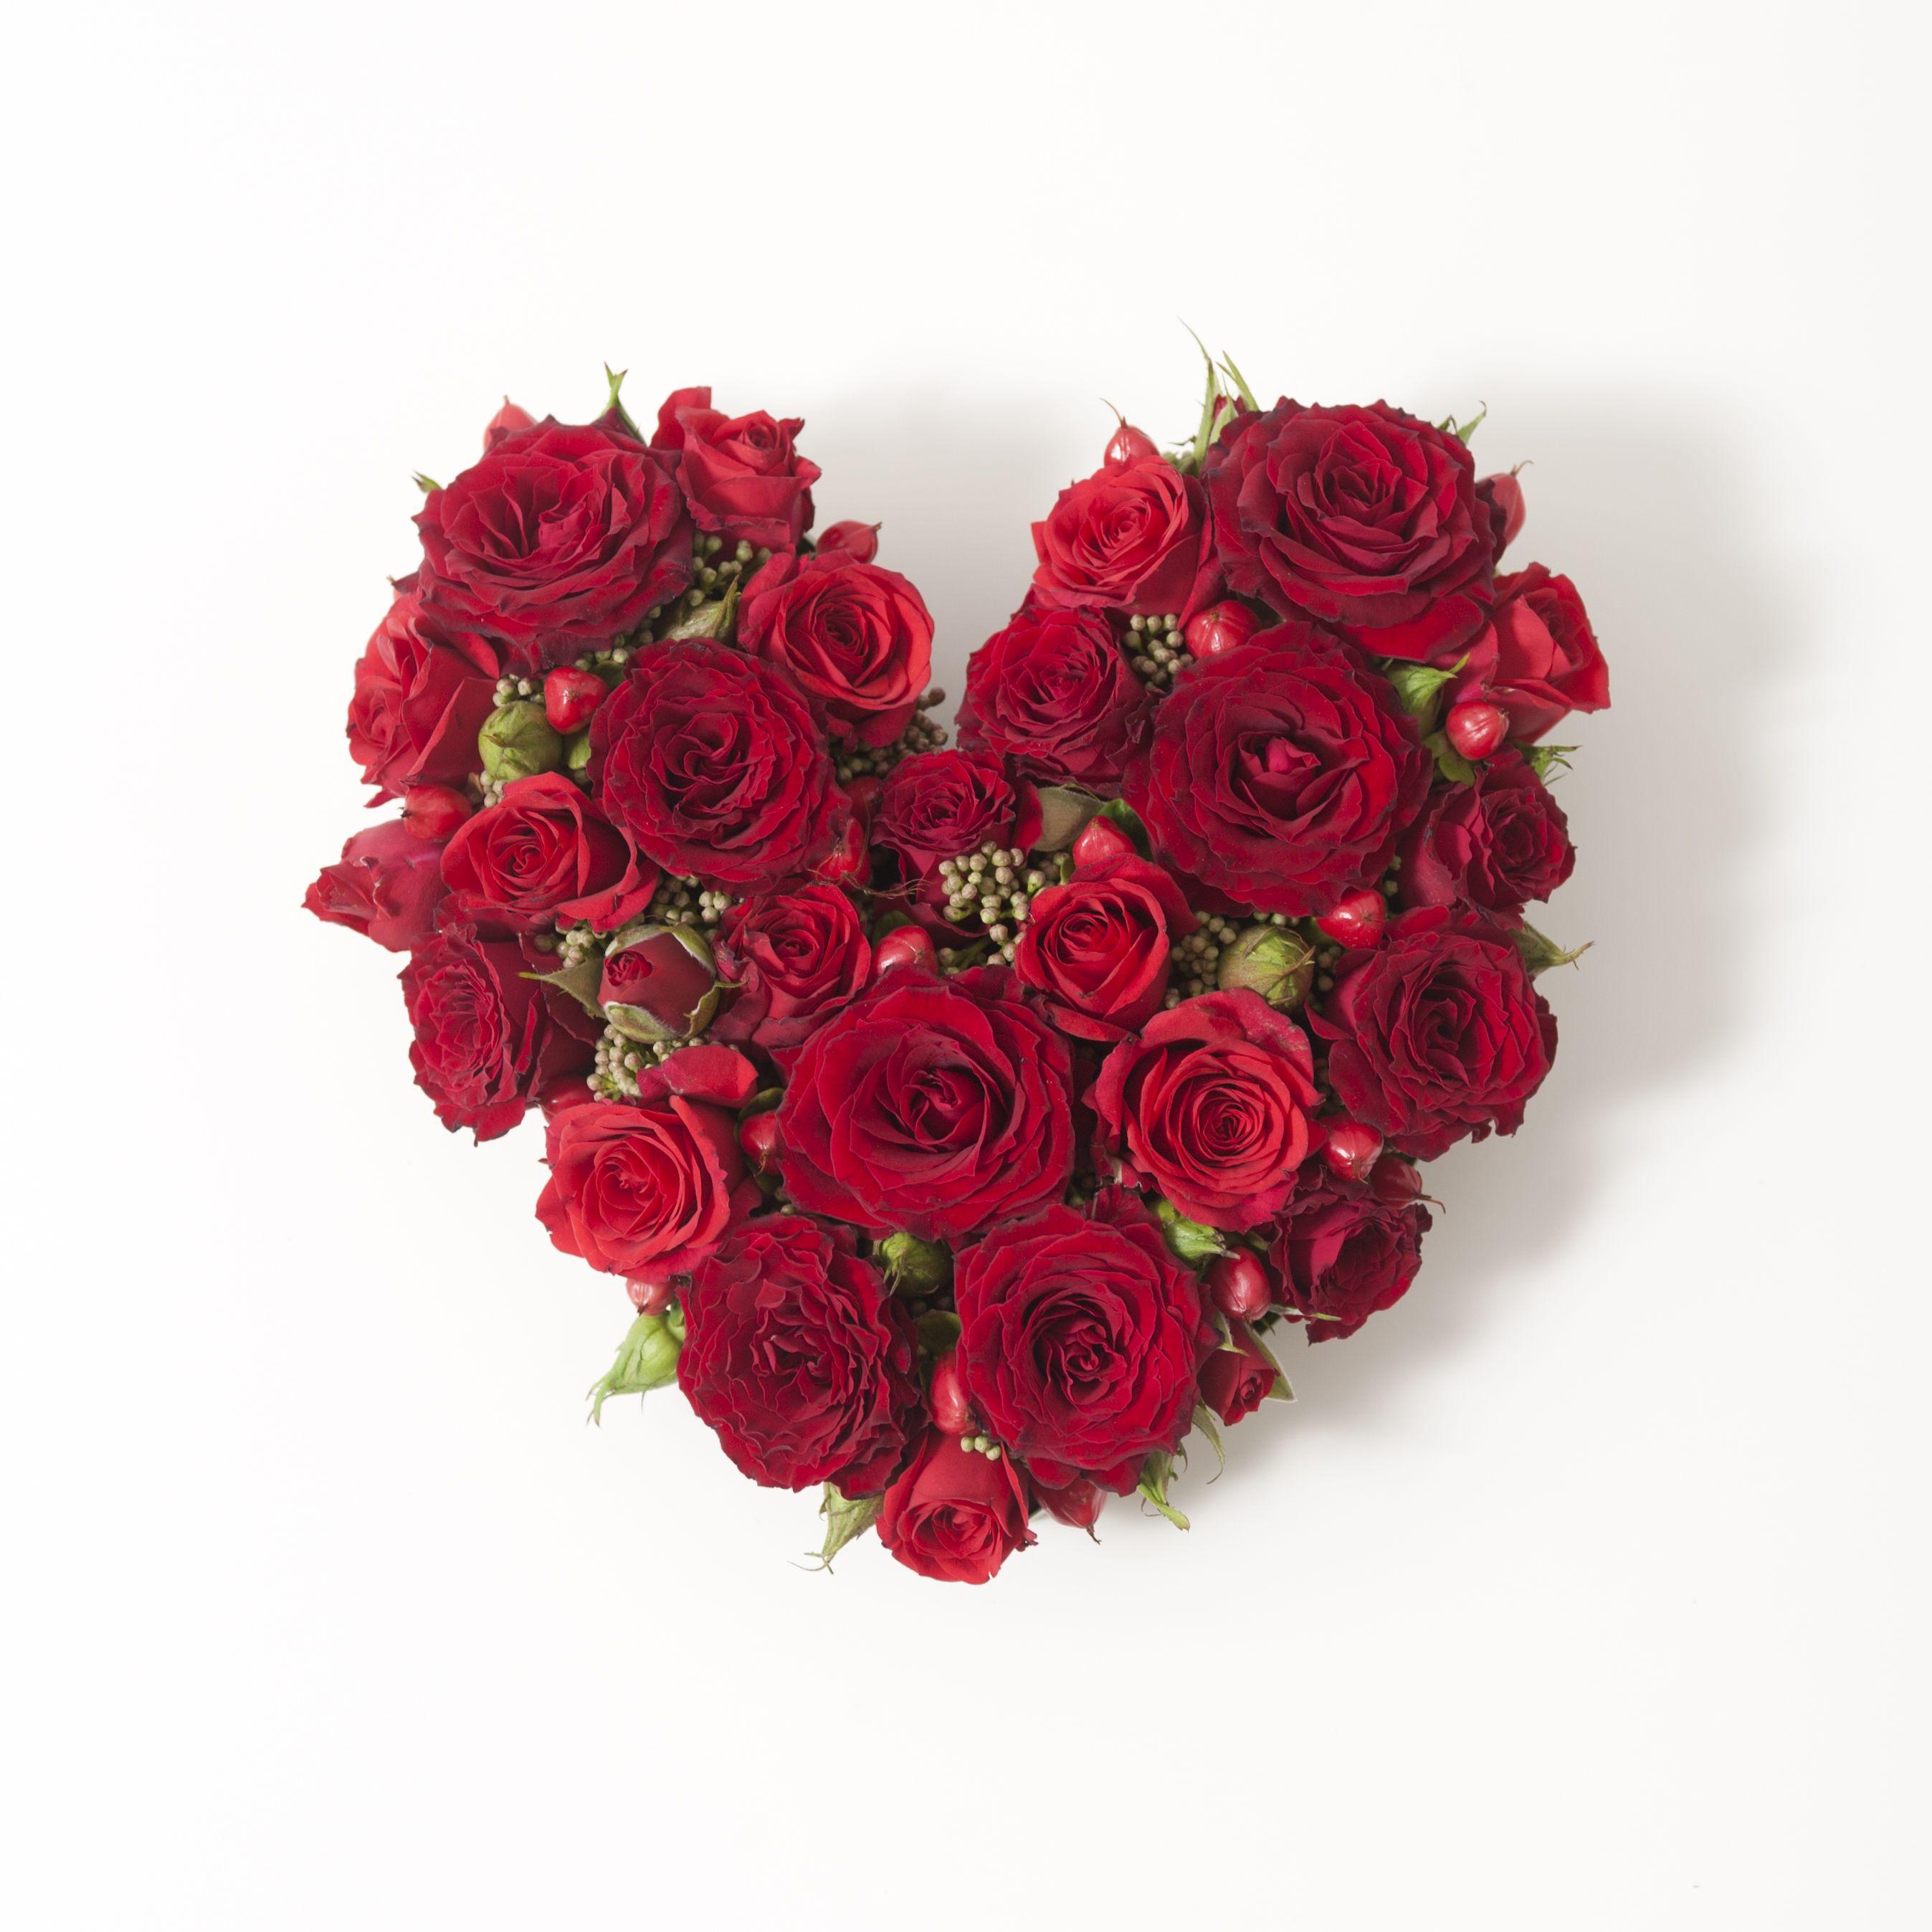 Superbe Bouquet De Rose En Forme De Coeur #9: Assemblage De Roses Rouges En Forme De Coeur. Idéal Pour La Saint Valentin  - Composition